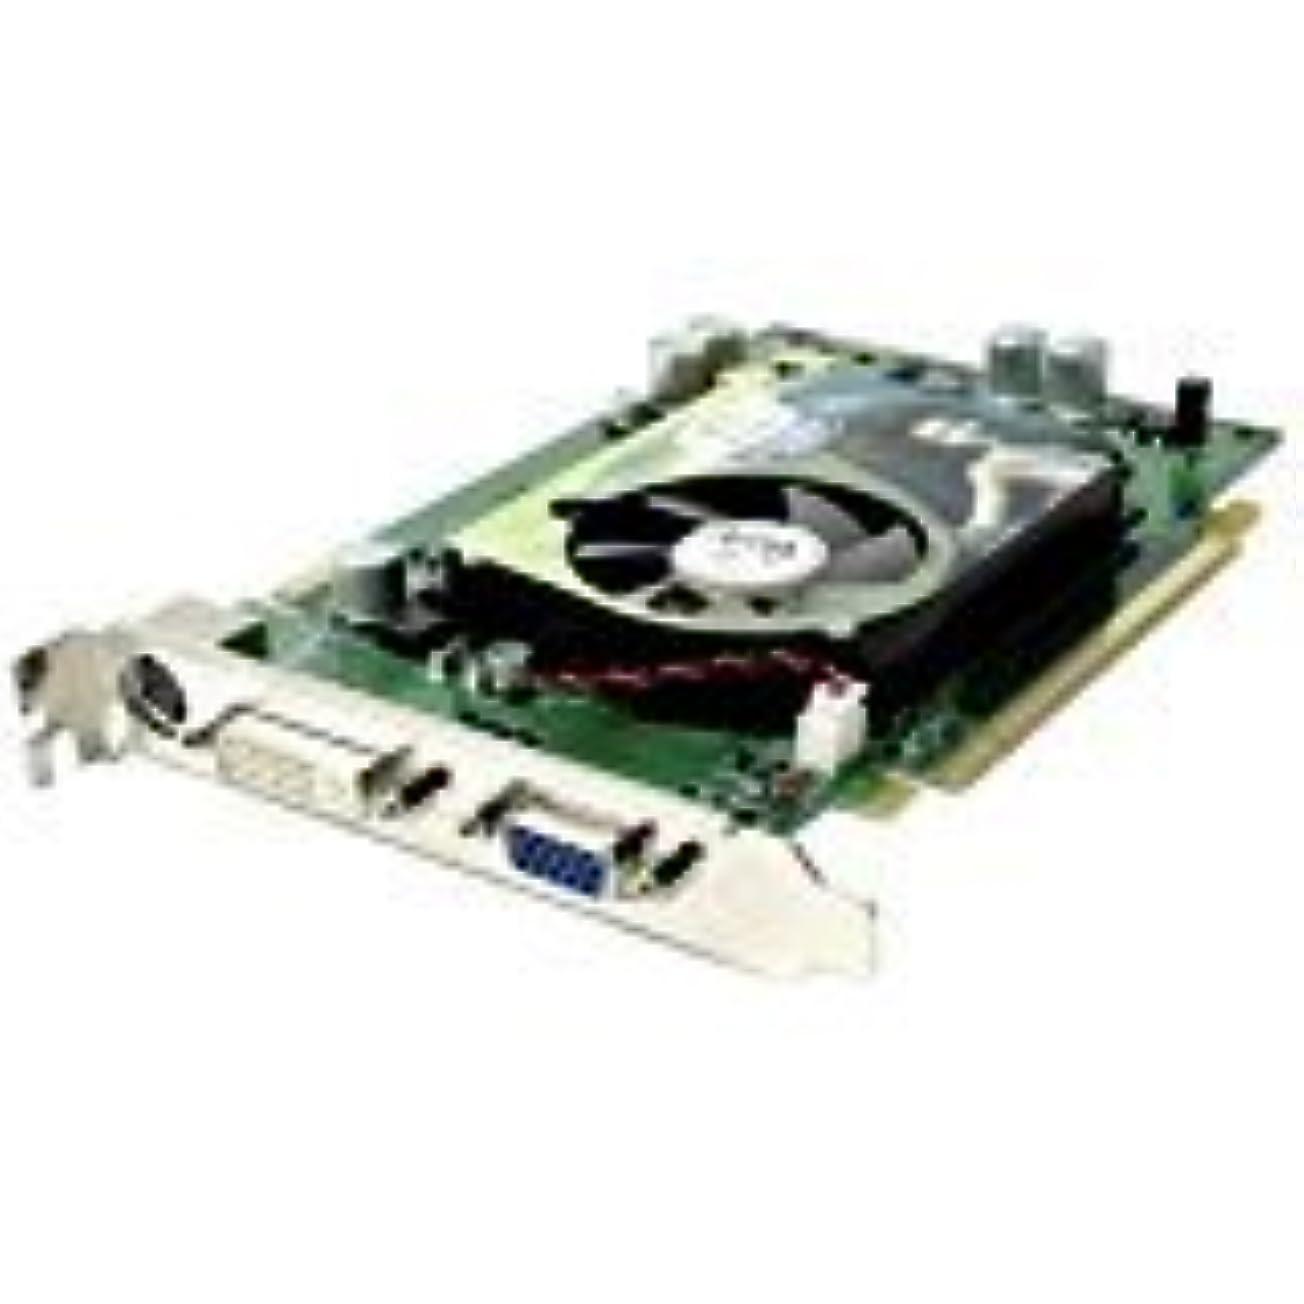 のぞき見ゼリー位置する640p2 N824 – EVGA 640p2 N824 EVGA NVIDIA GeForce 8800 GTS ( 640-p2-n824-ar ) 640 MB gddr3 SDRAM as is